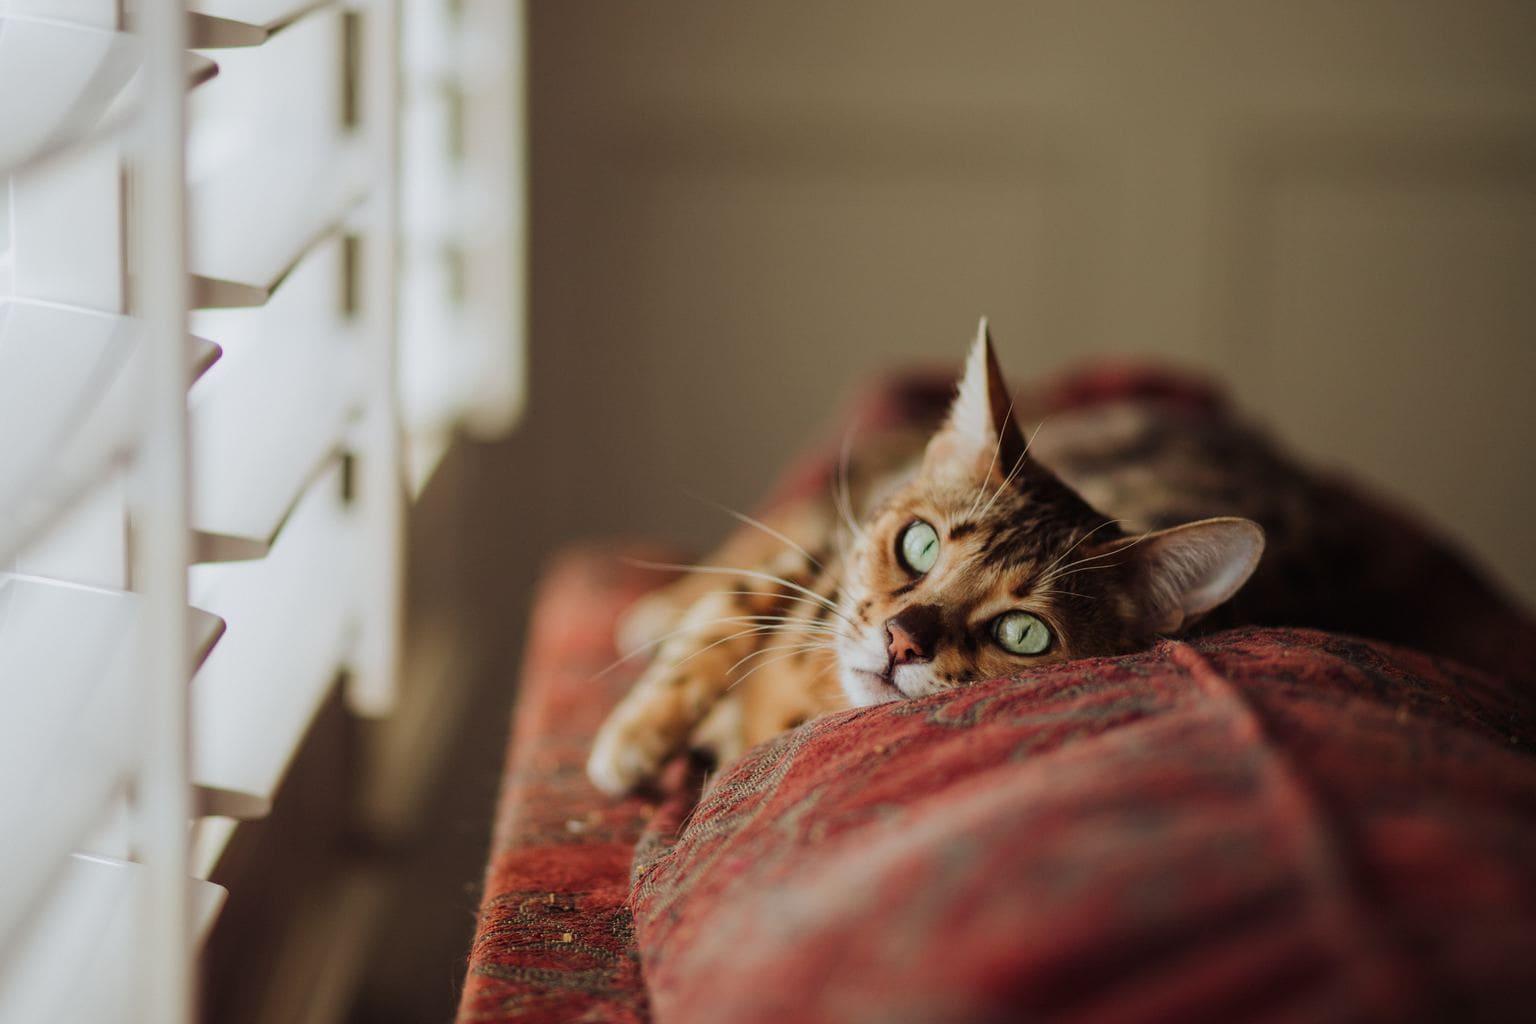 fotografía de un gato